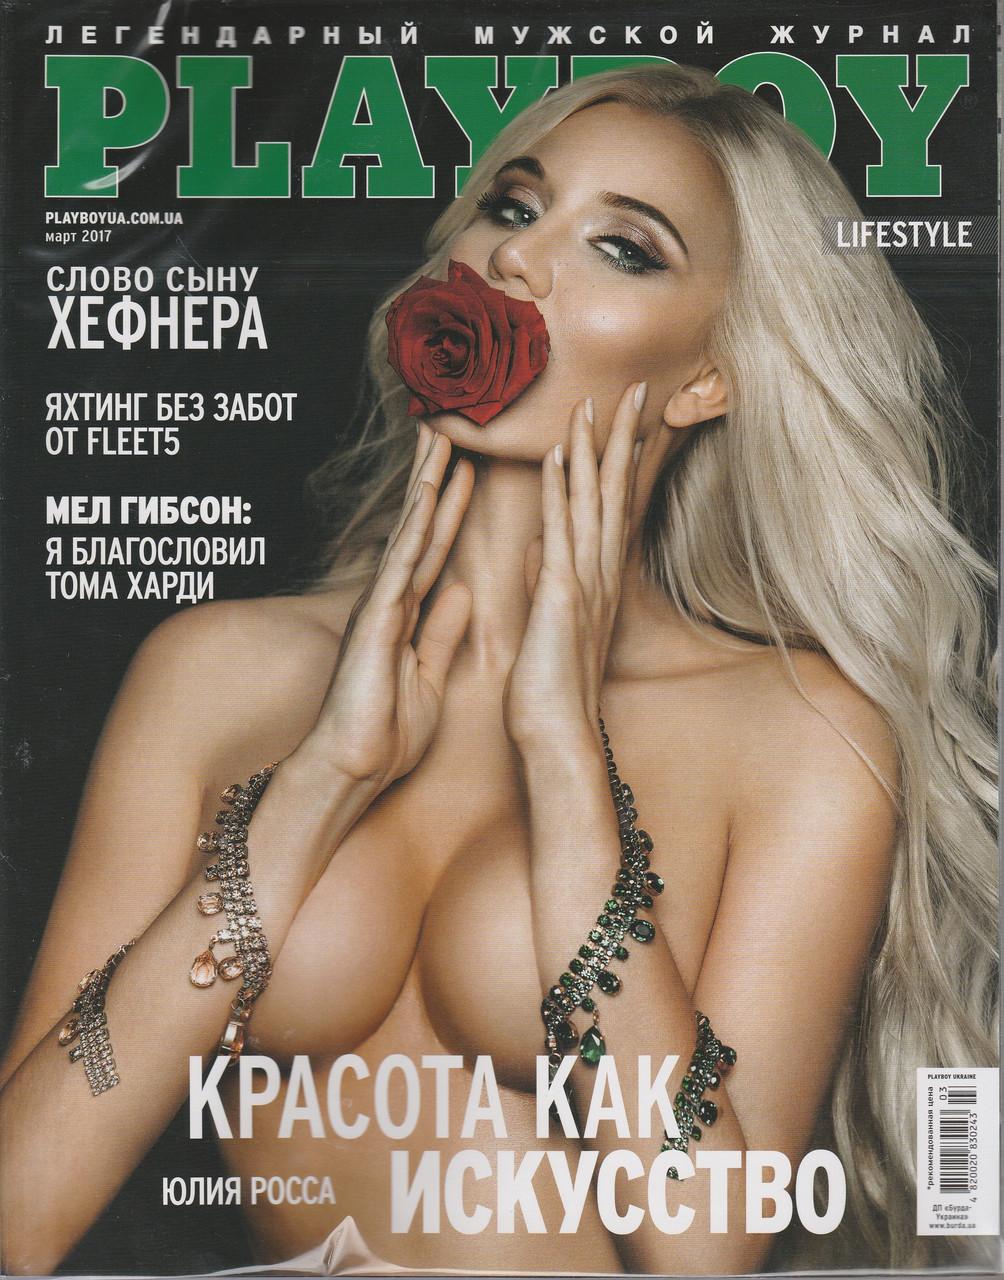 Журнал фотографии плейбой фото